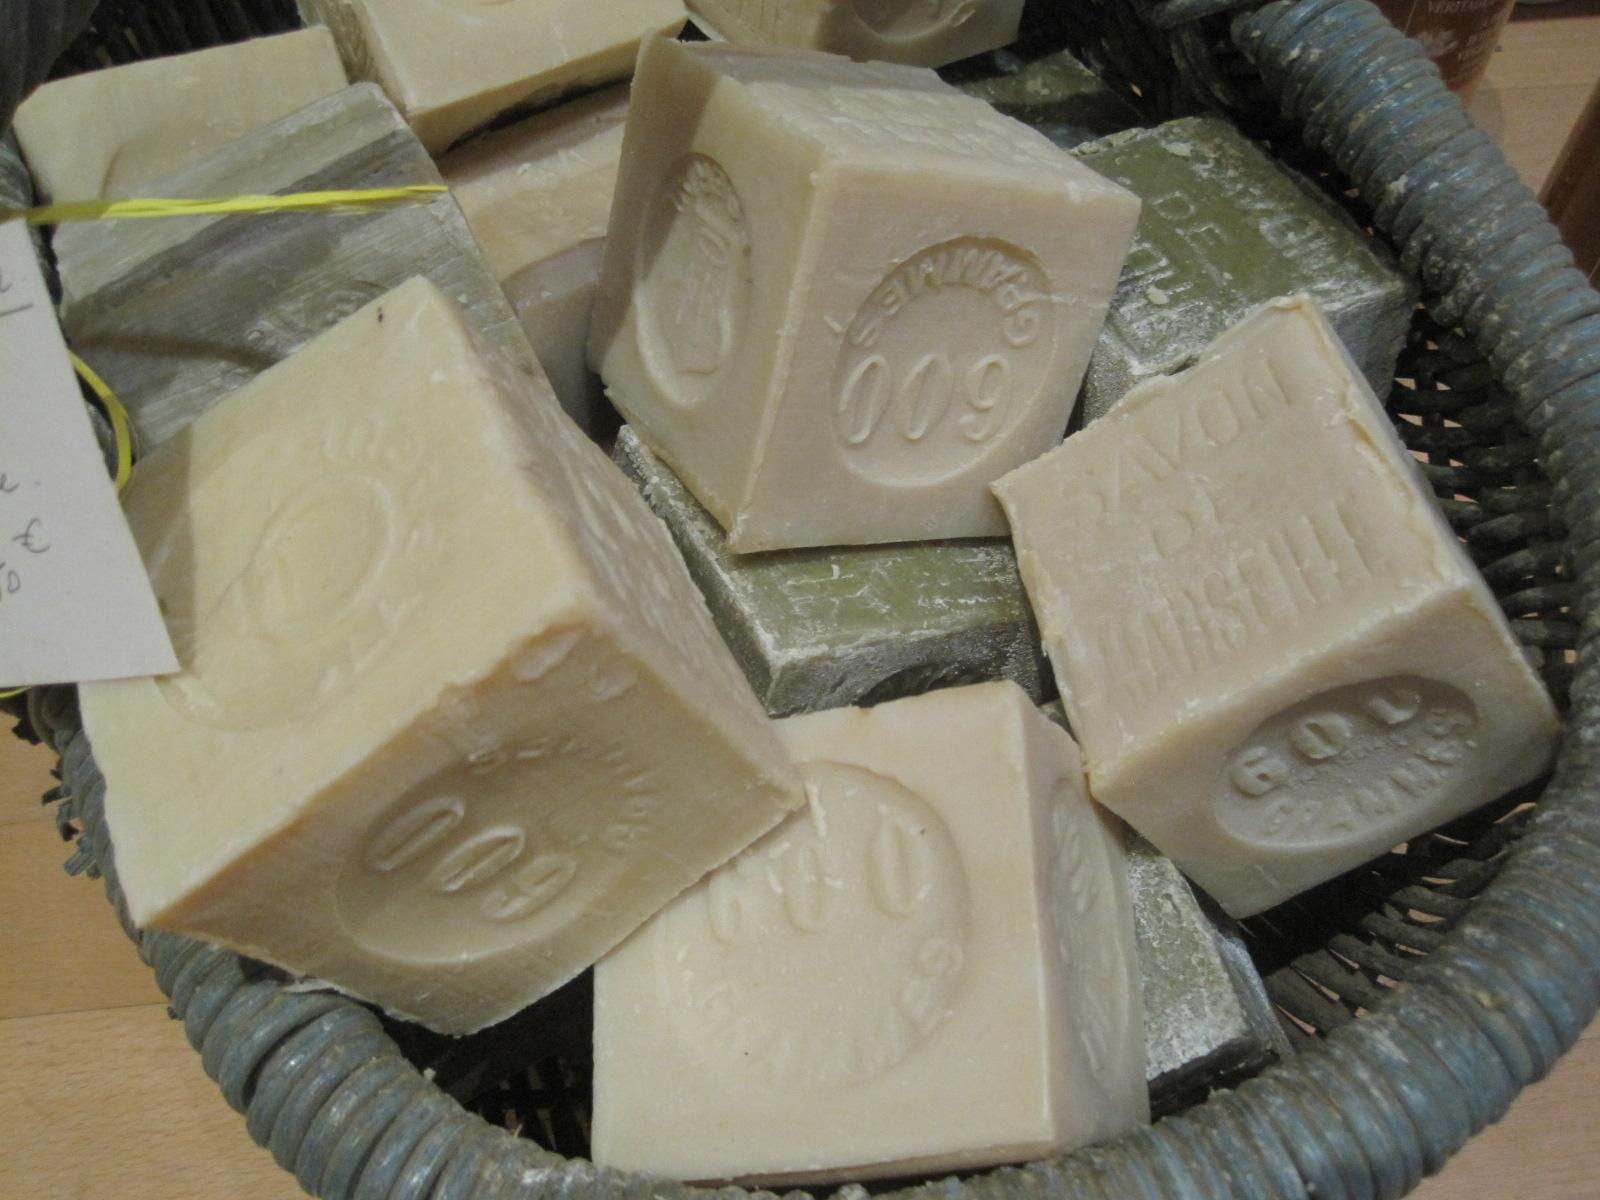 Produit à lessiver à base de savon de Marseille